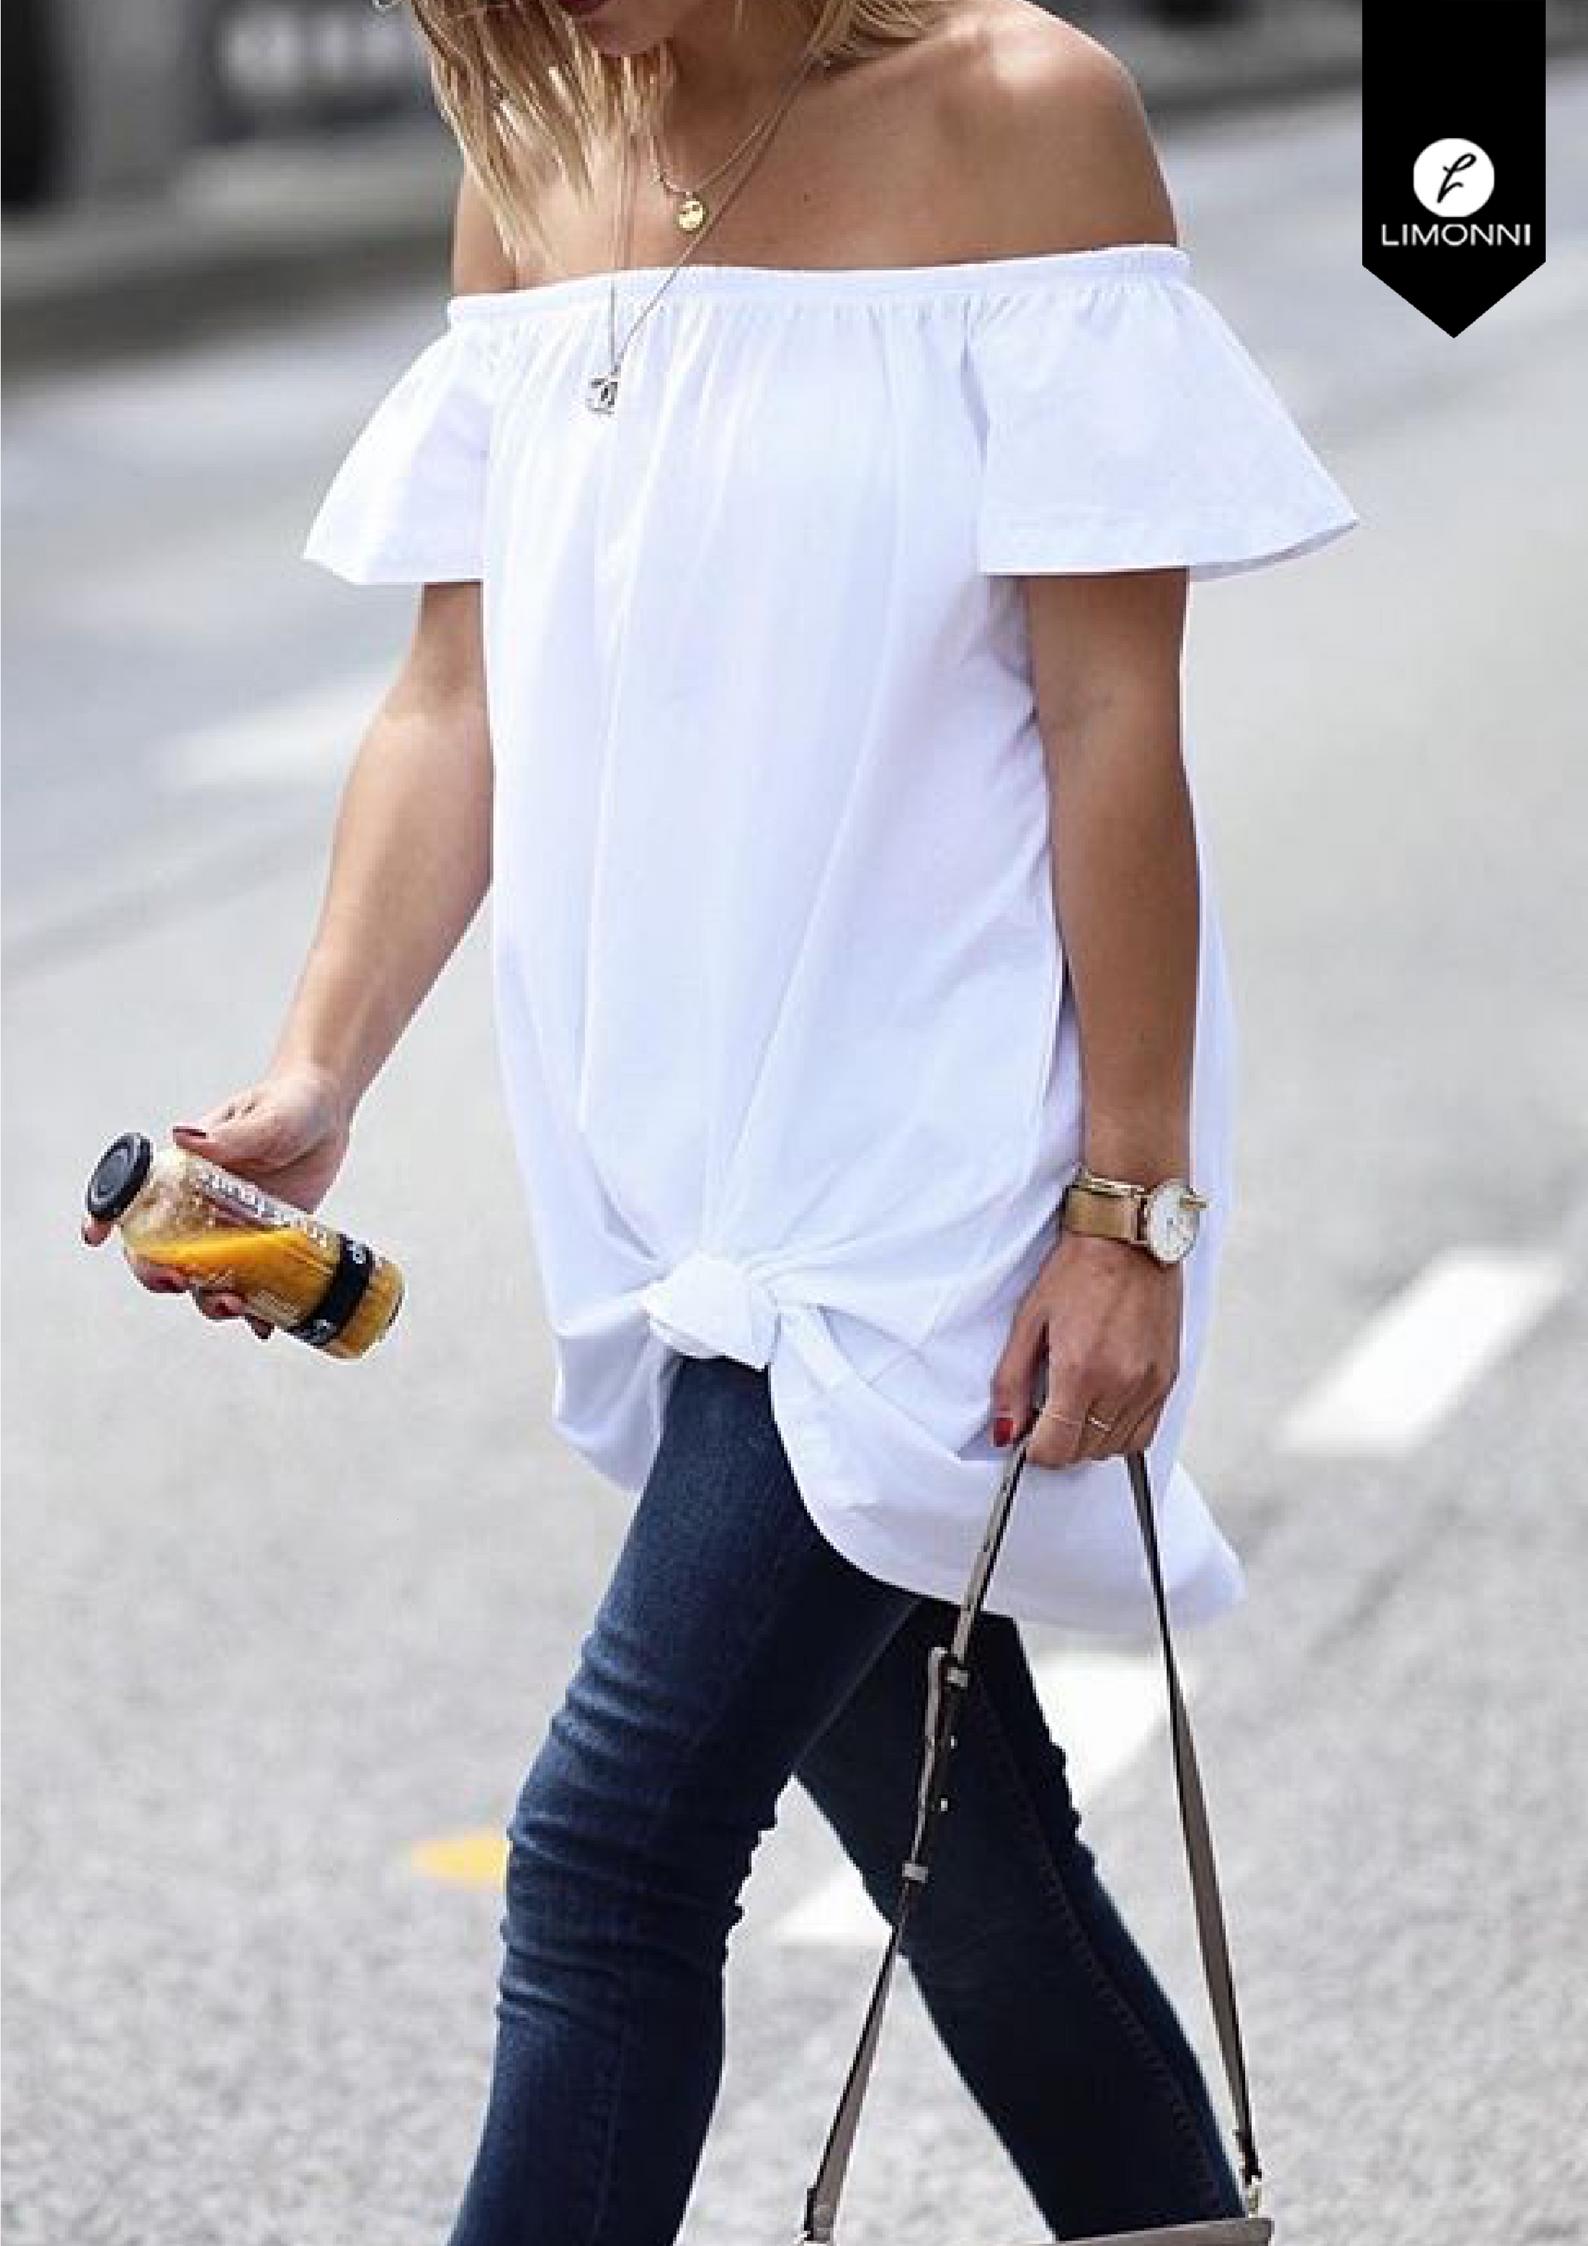 Blusas para mujer Limonni Novalee LI1439 Casuales